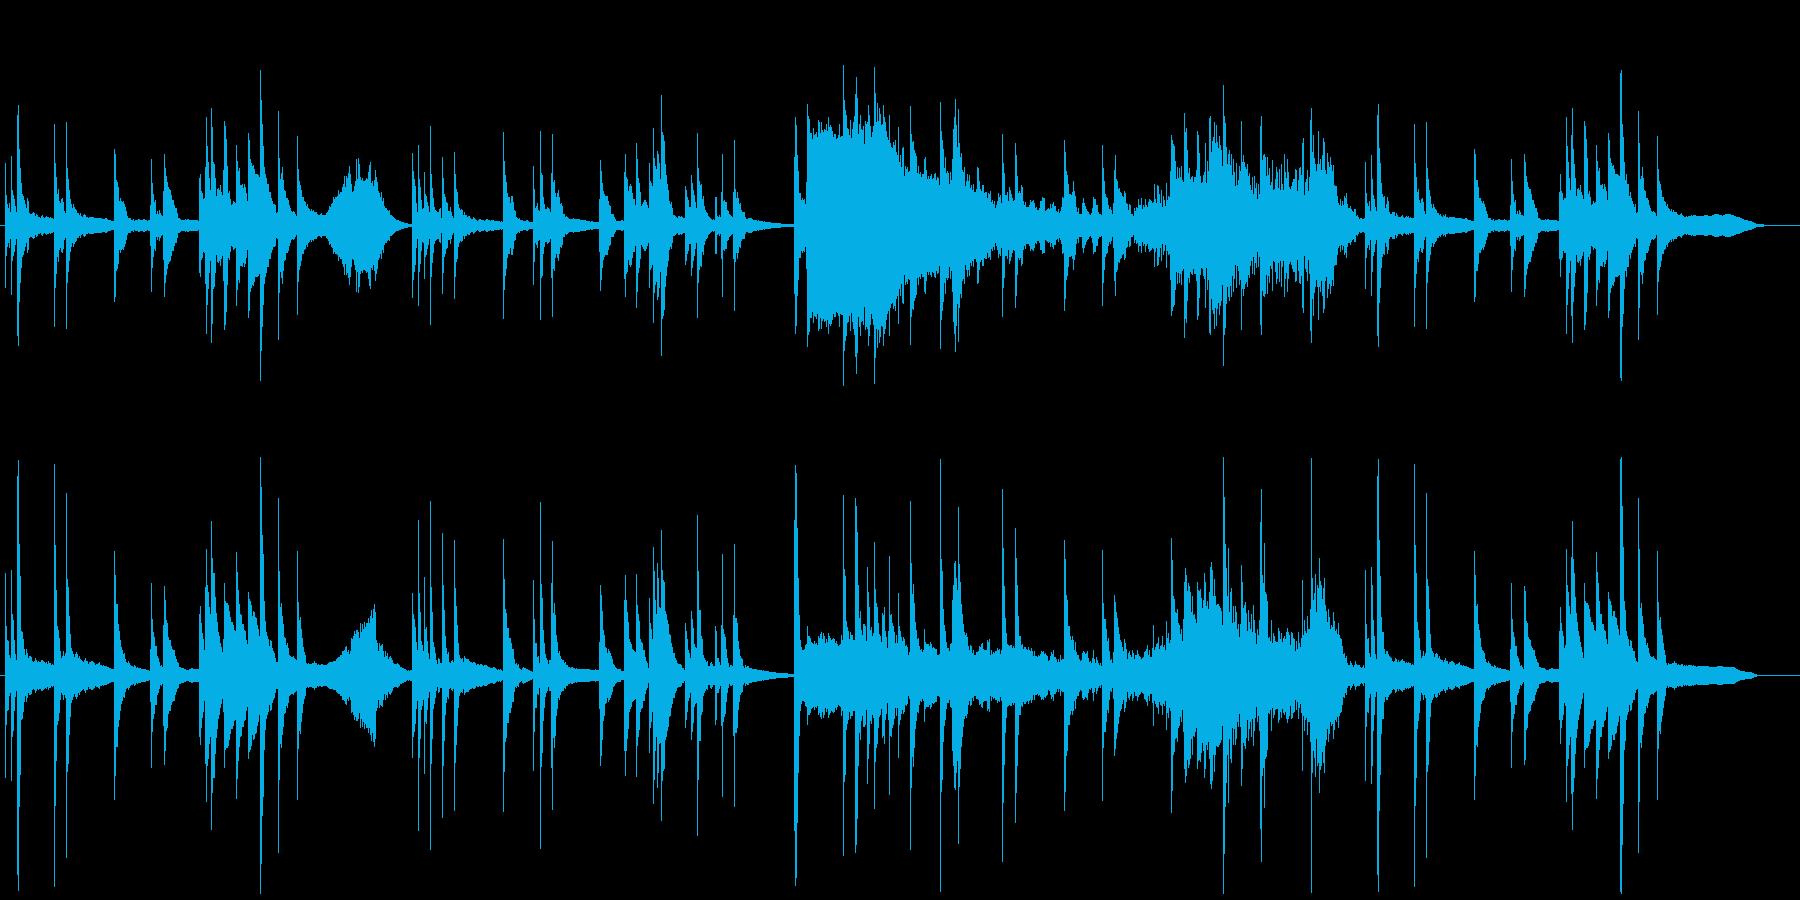 音数が少ない切なく寂しいピアノソロ曲の再生済みの波形